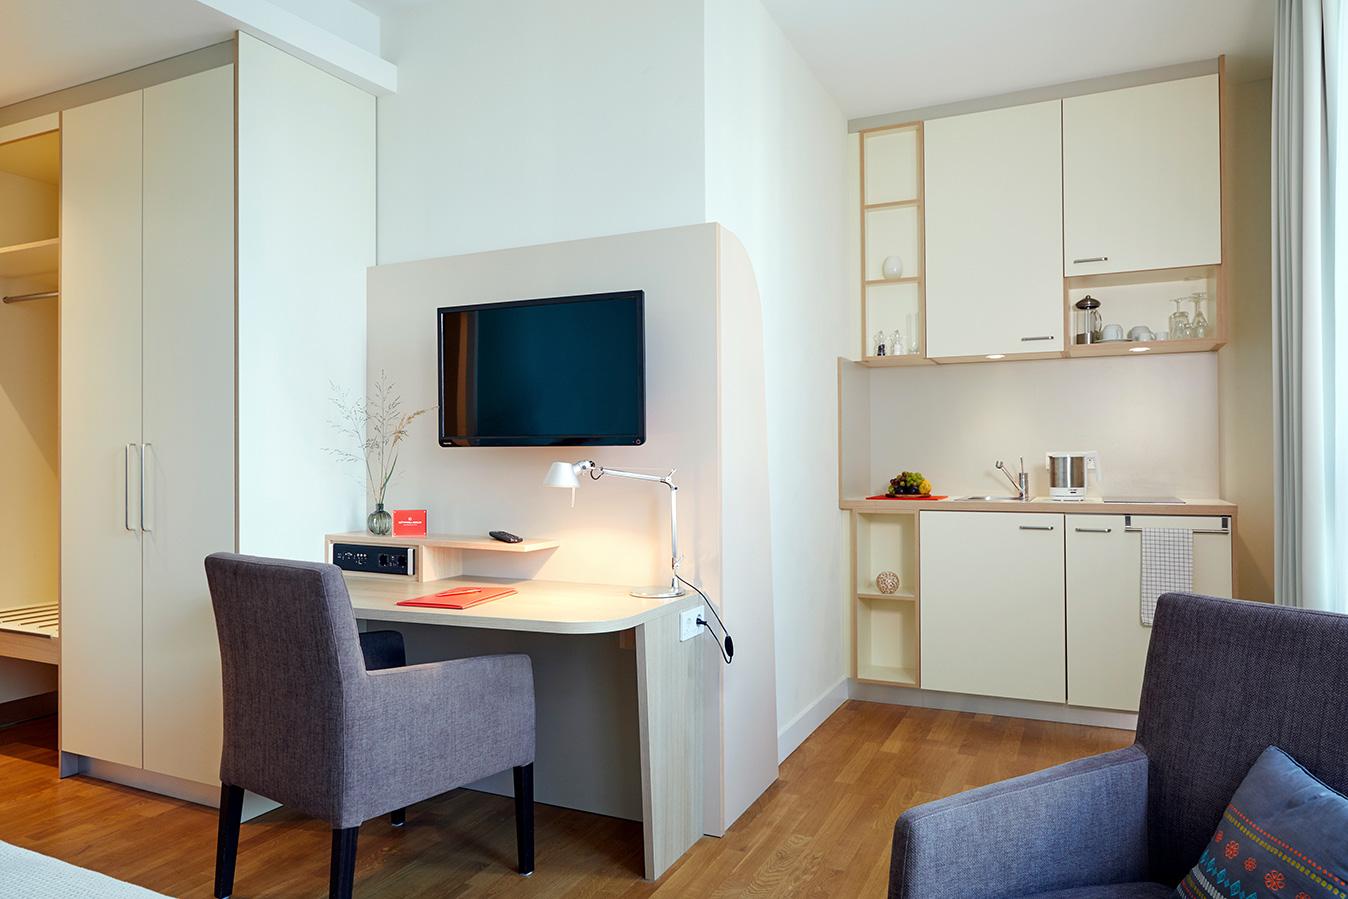 FLOTTWELL BERLIN Hotel - Schreibtisch und Kitchenette